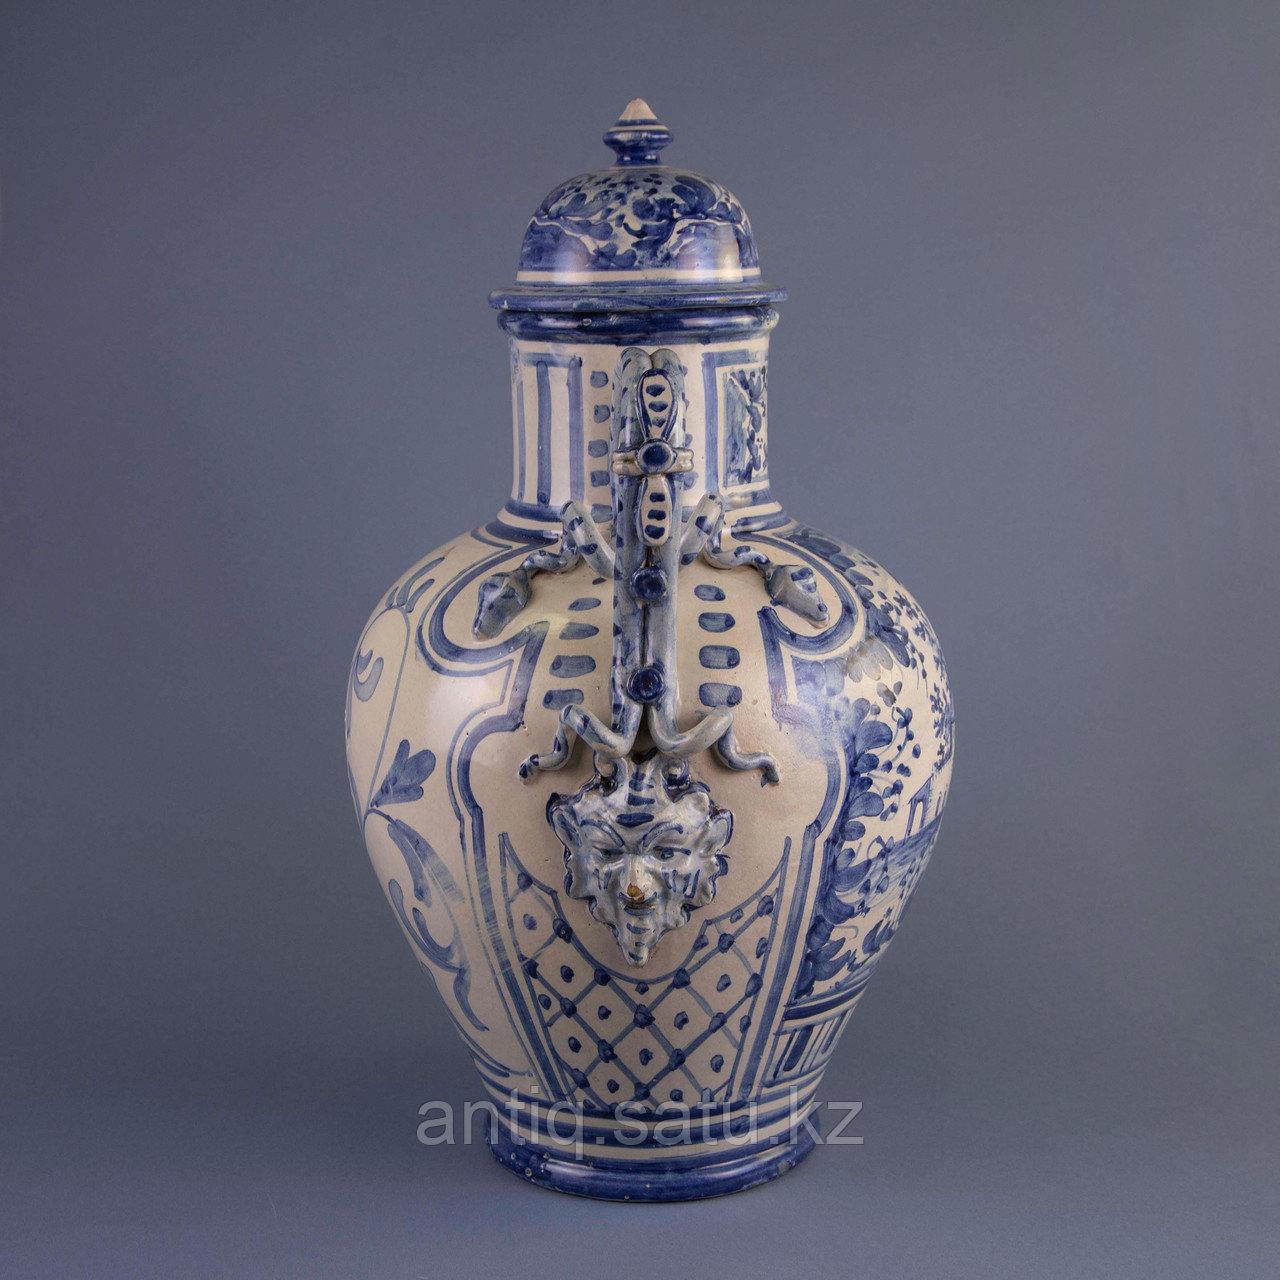 Парадная ваза. Королевская мануфактура в Дельфте - фото 3